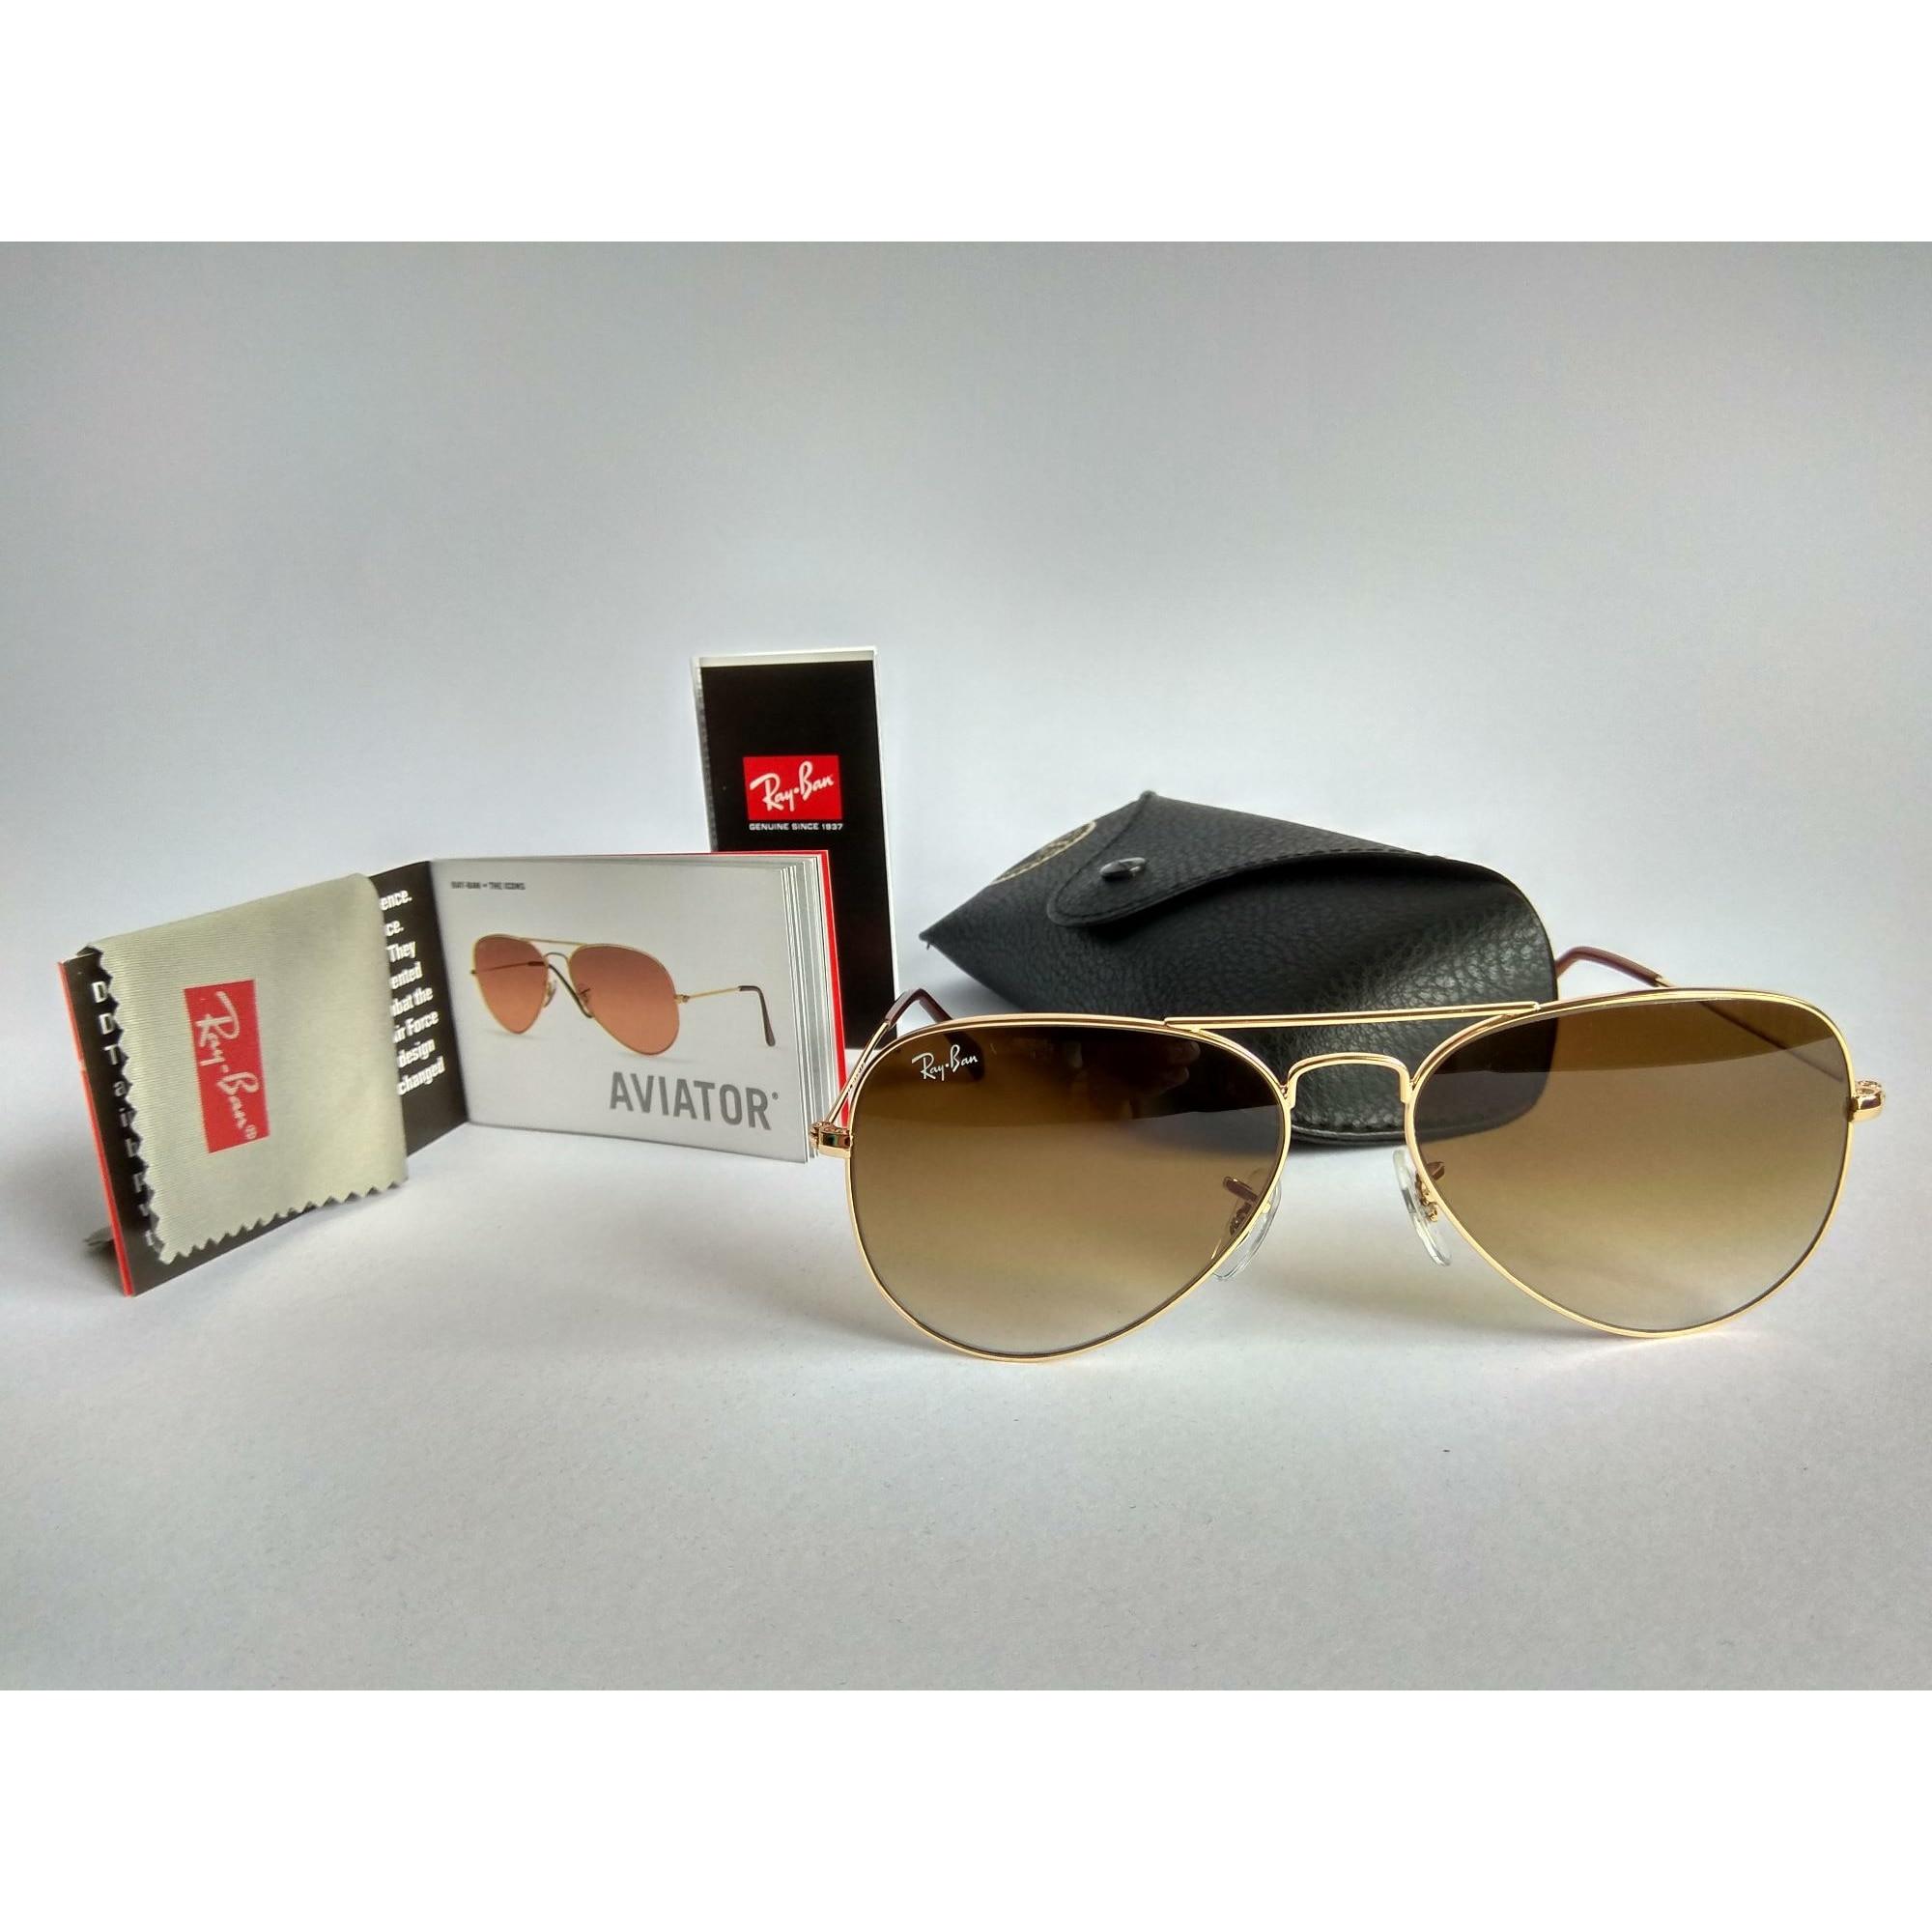 Sonnenbrille RAY-BAN gold vendu par Matwils - 7789859